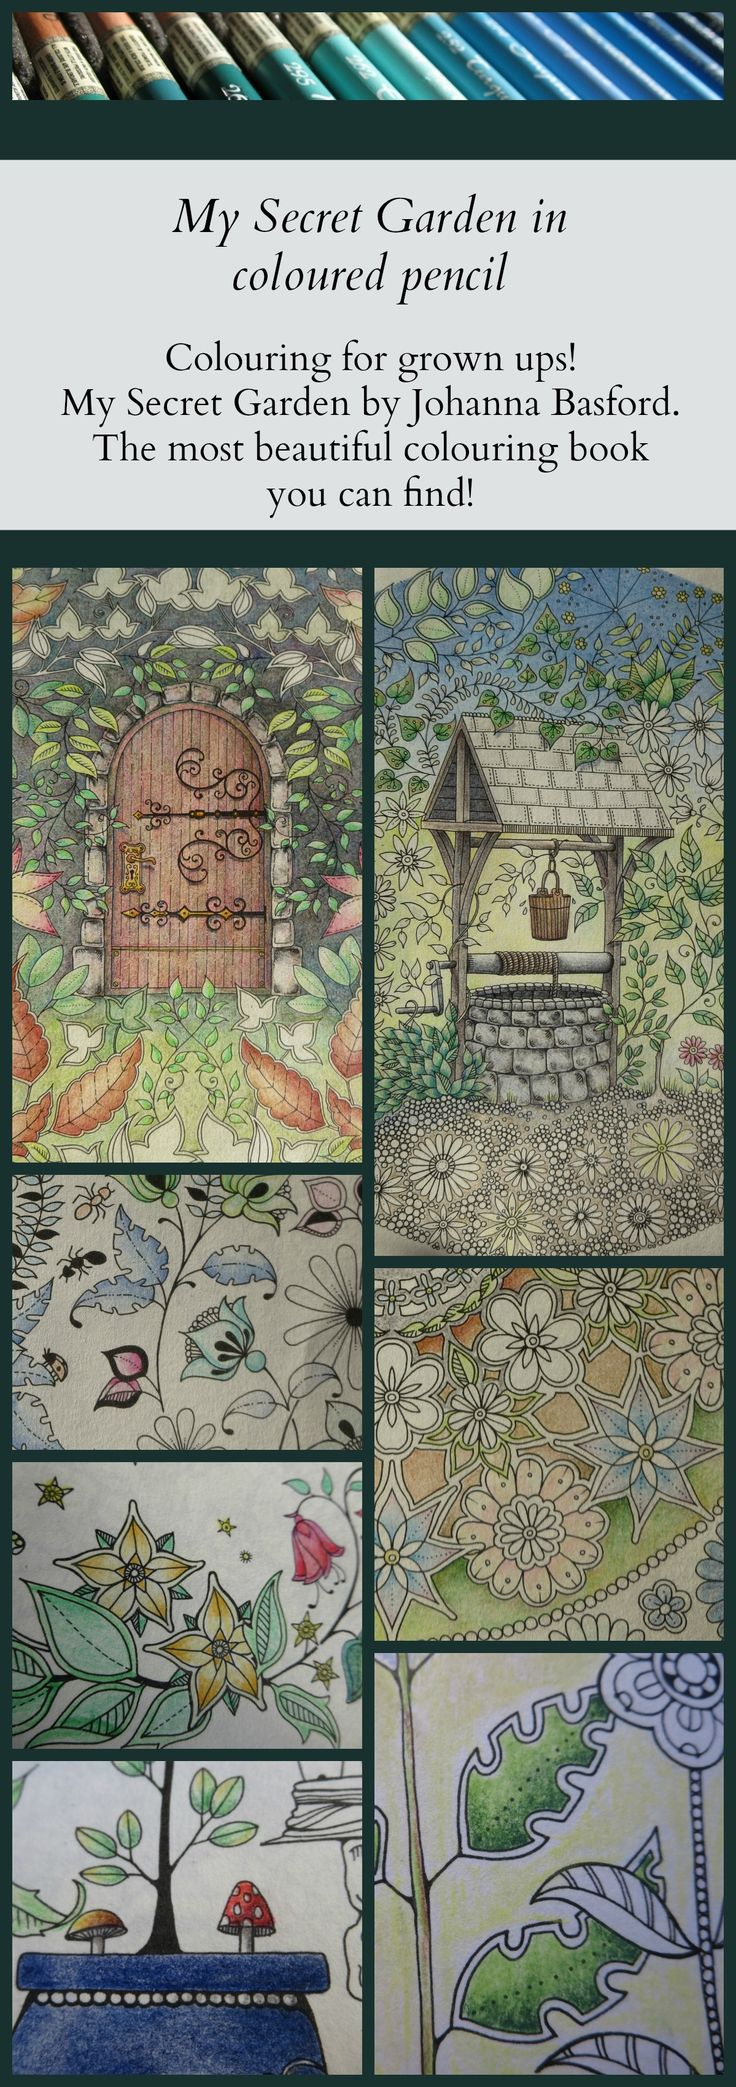 5977c39b4e60056e3982f33fe4b6cb18 Adult Colouring In Coloring Books